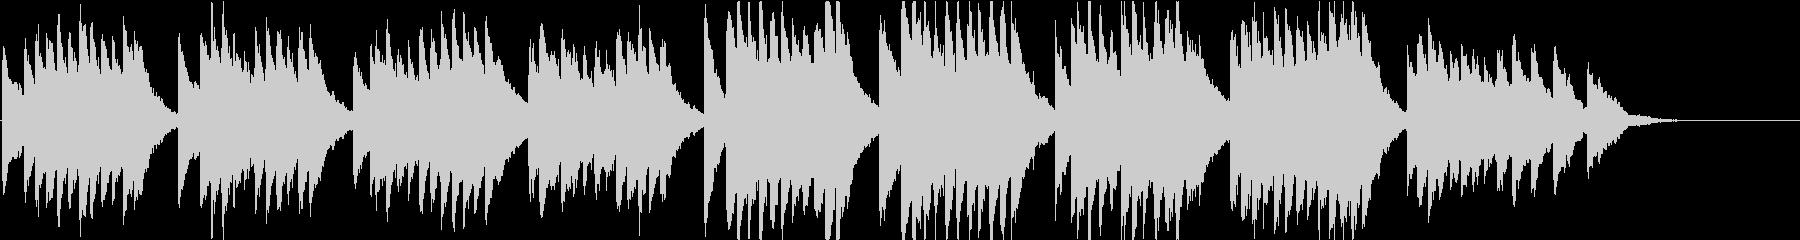 時報・チャイム風の名曲のメロディ・28の未再生の波形